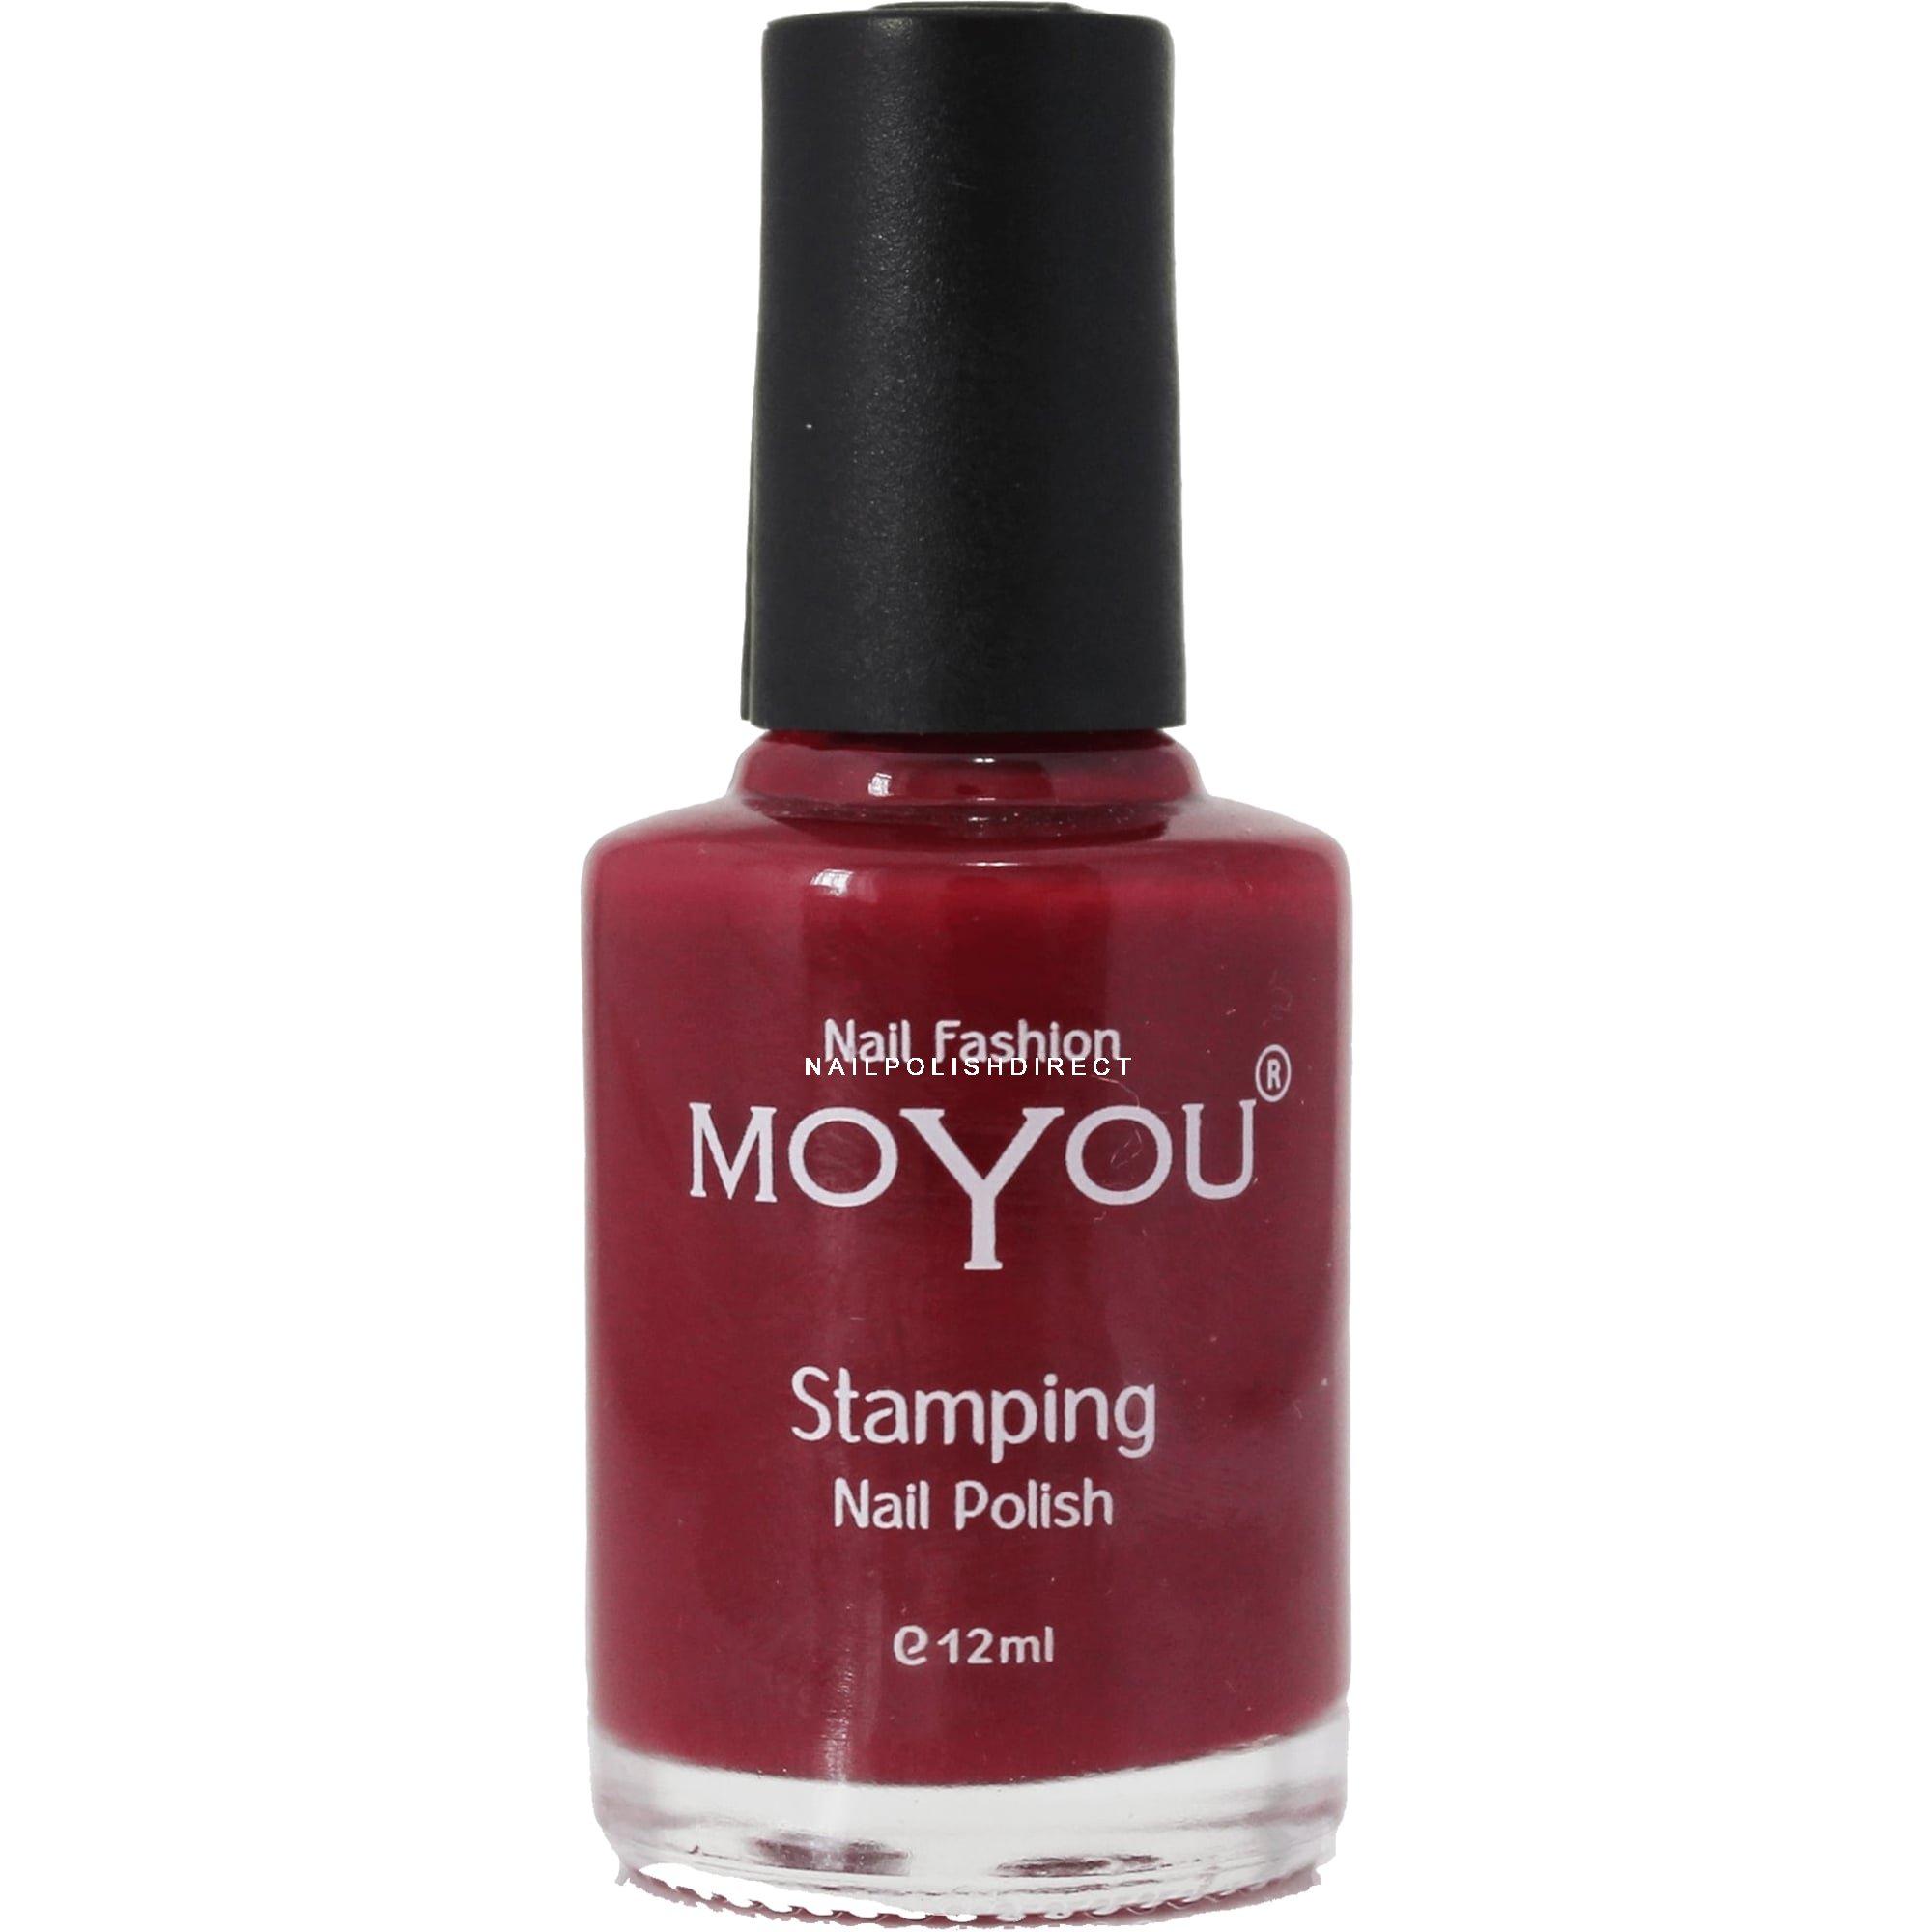 MoYou Stamping Nail Art - Special Nail Polish - Chestnut Road 12ml